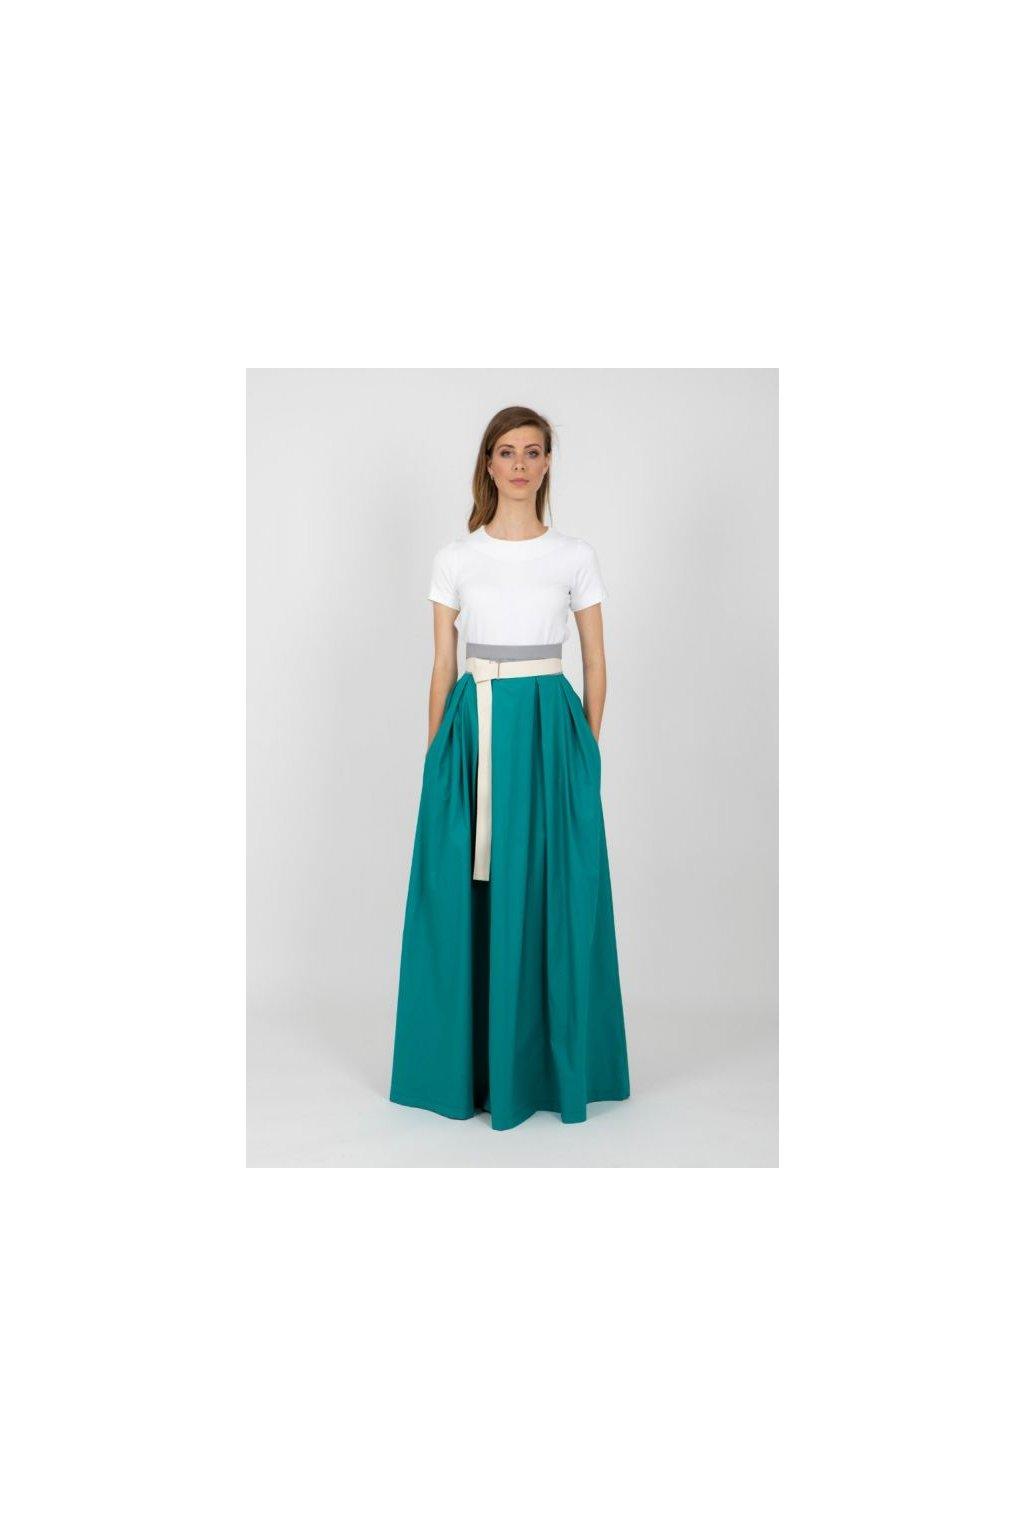 Dámská maxi sukně Frida zelenomodrá 1